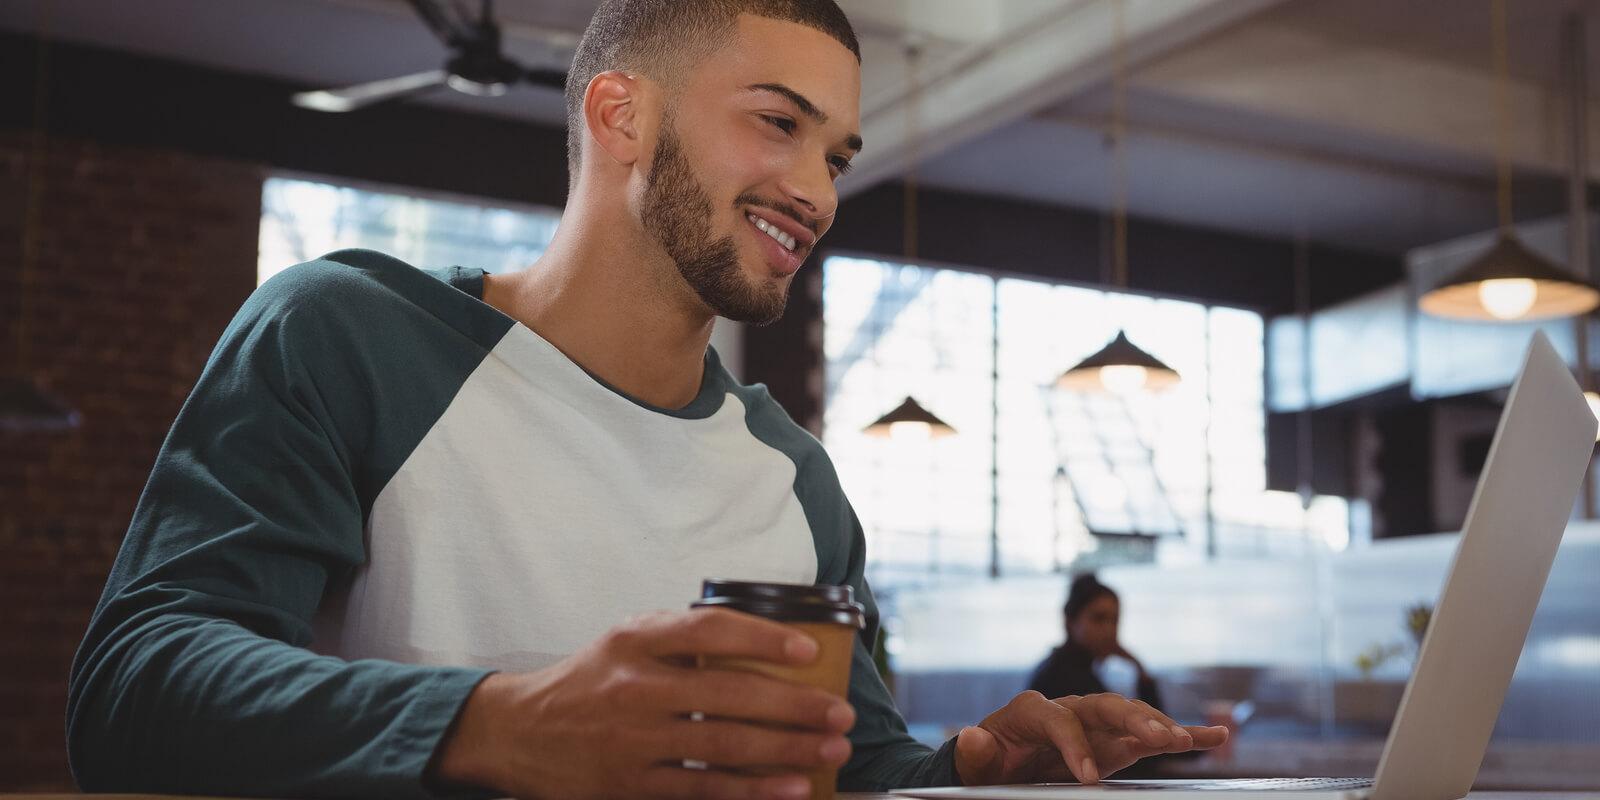 Online telecommute jobs